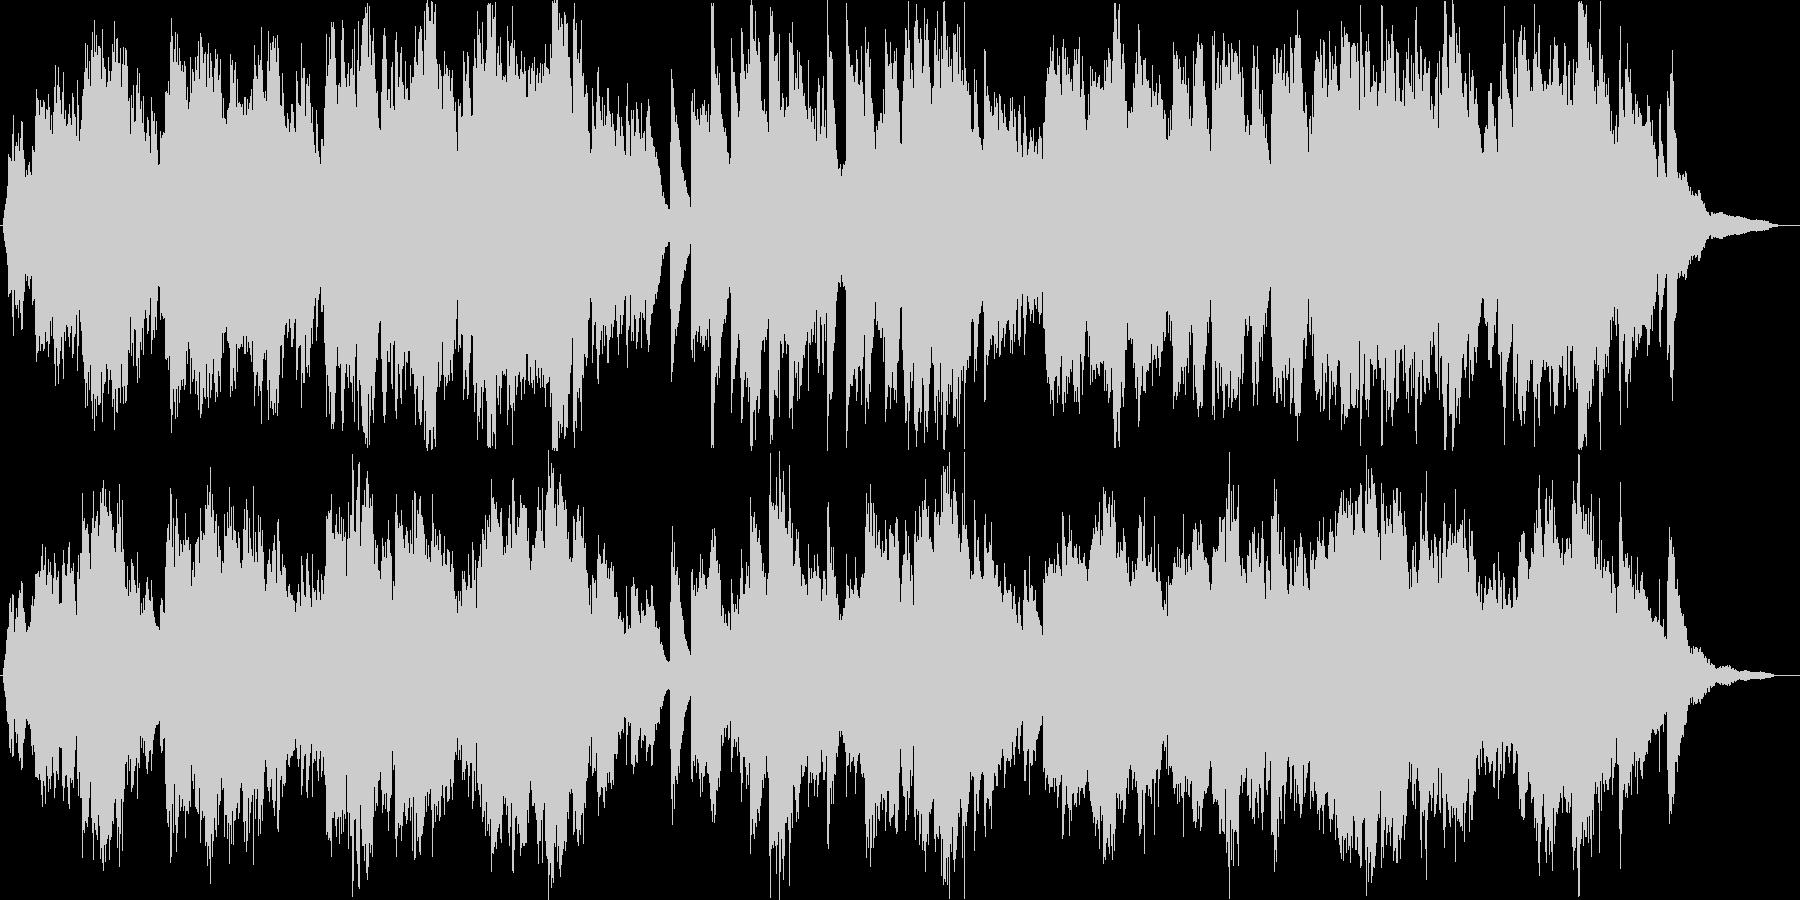 ピアノとヴァイオリンによる、ウェディン…の未再生の波形